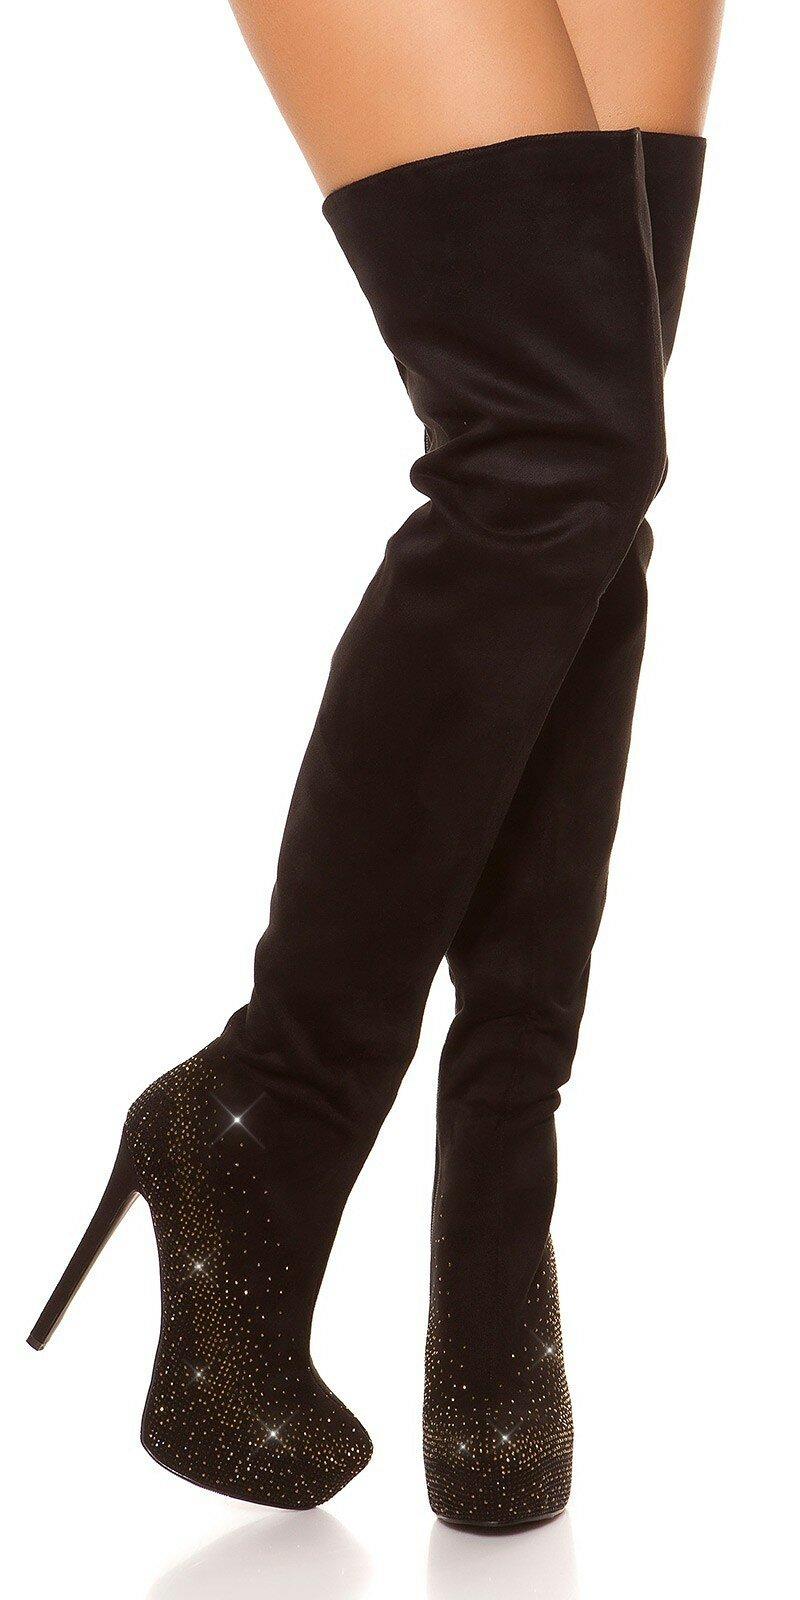 9dfb7fc2a9 Vysoké čierne čižmy s kamienkami  Velkosť topánok 36 Farba Čierna